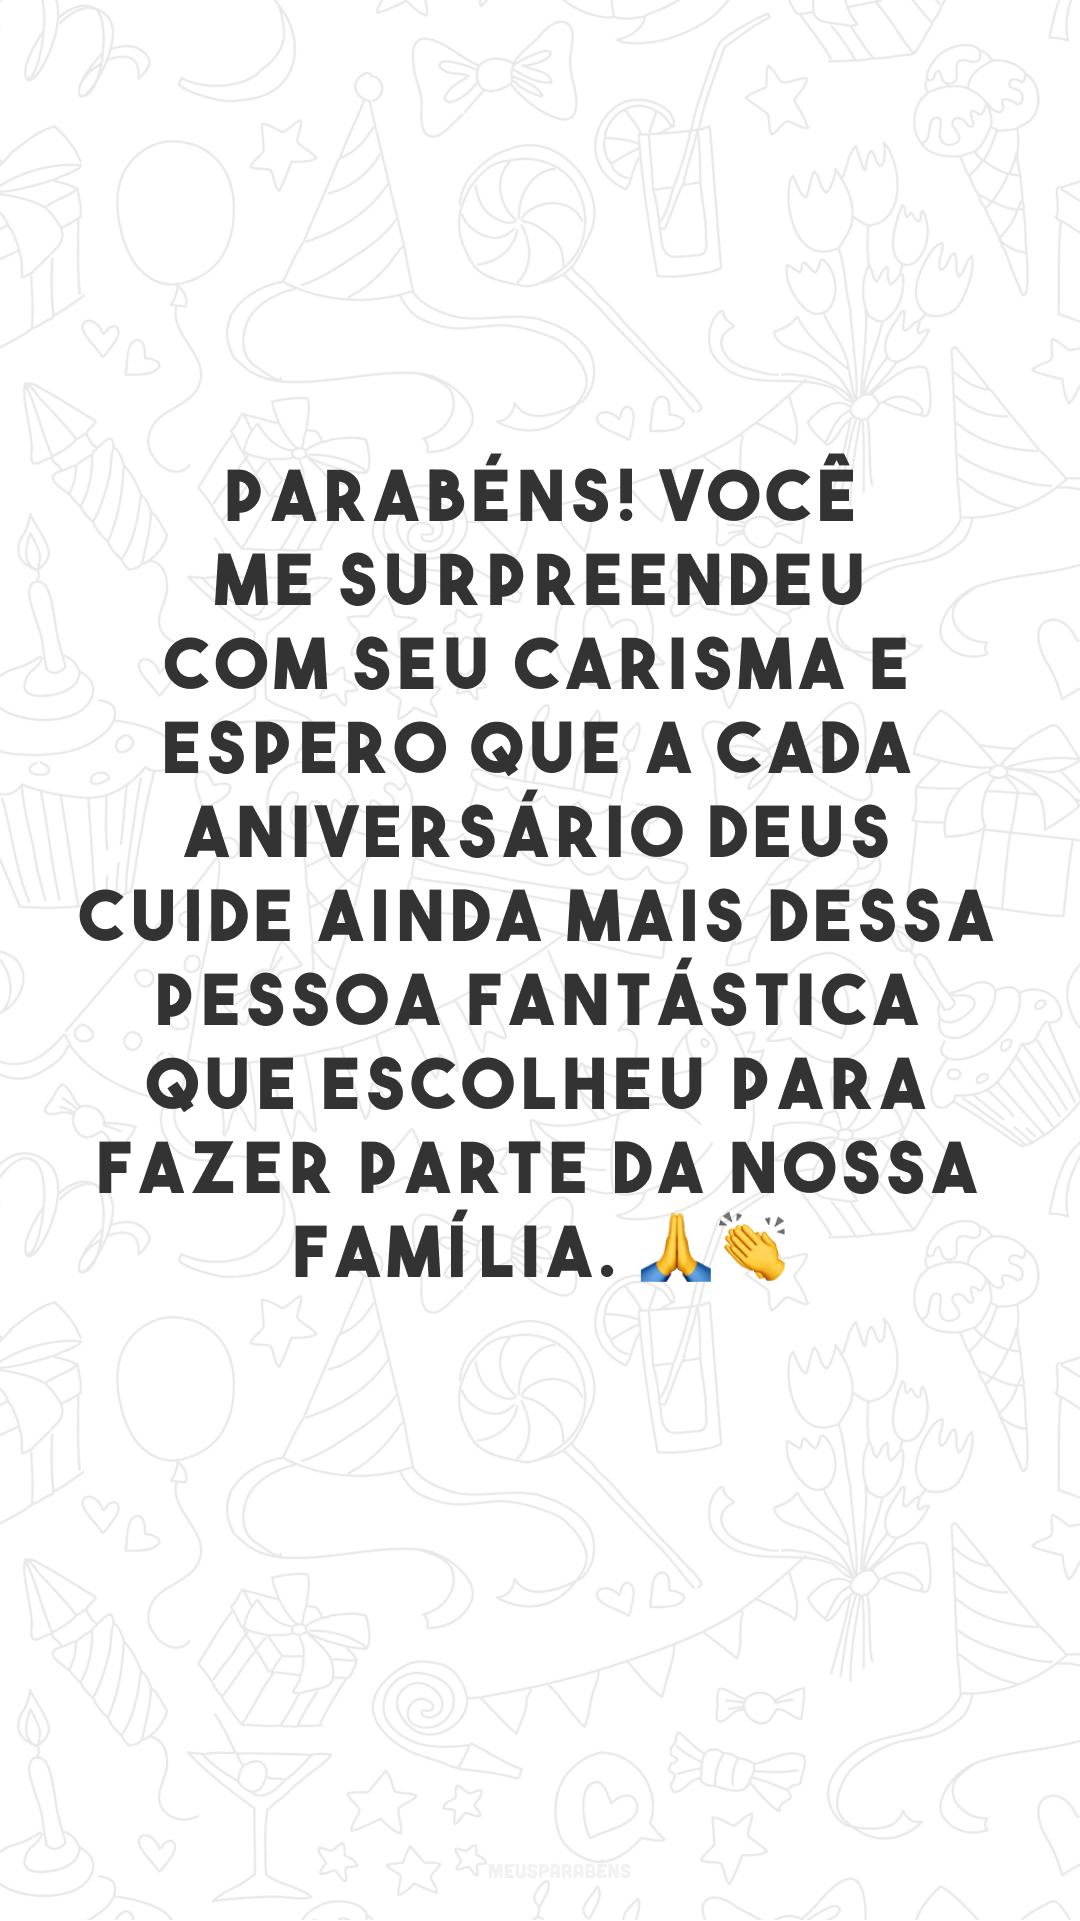 Parabéns! Você me surpreendeu com seu carisma e espero que a cada aniversário Deus cuide ainda mais dessa pessoa fantástica que escolheu para fazer parte da nossa família. 🙏👏